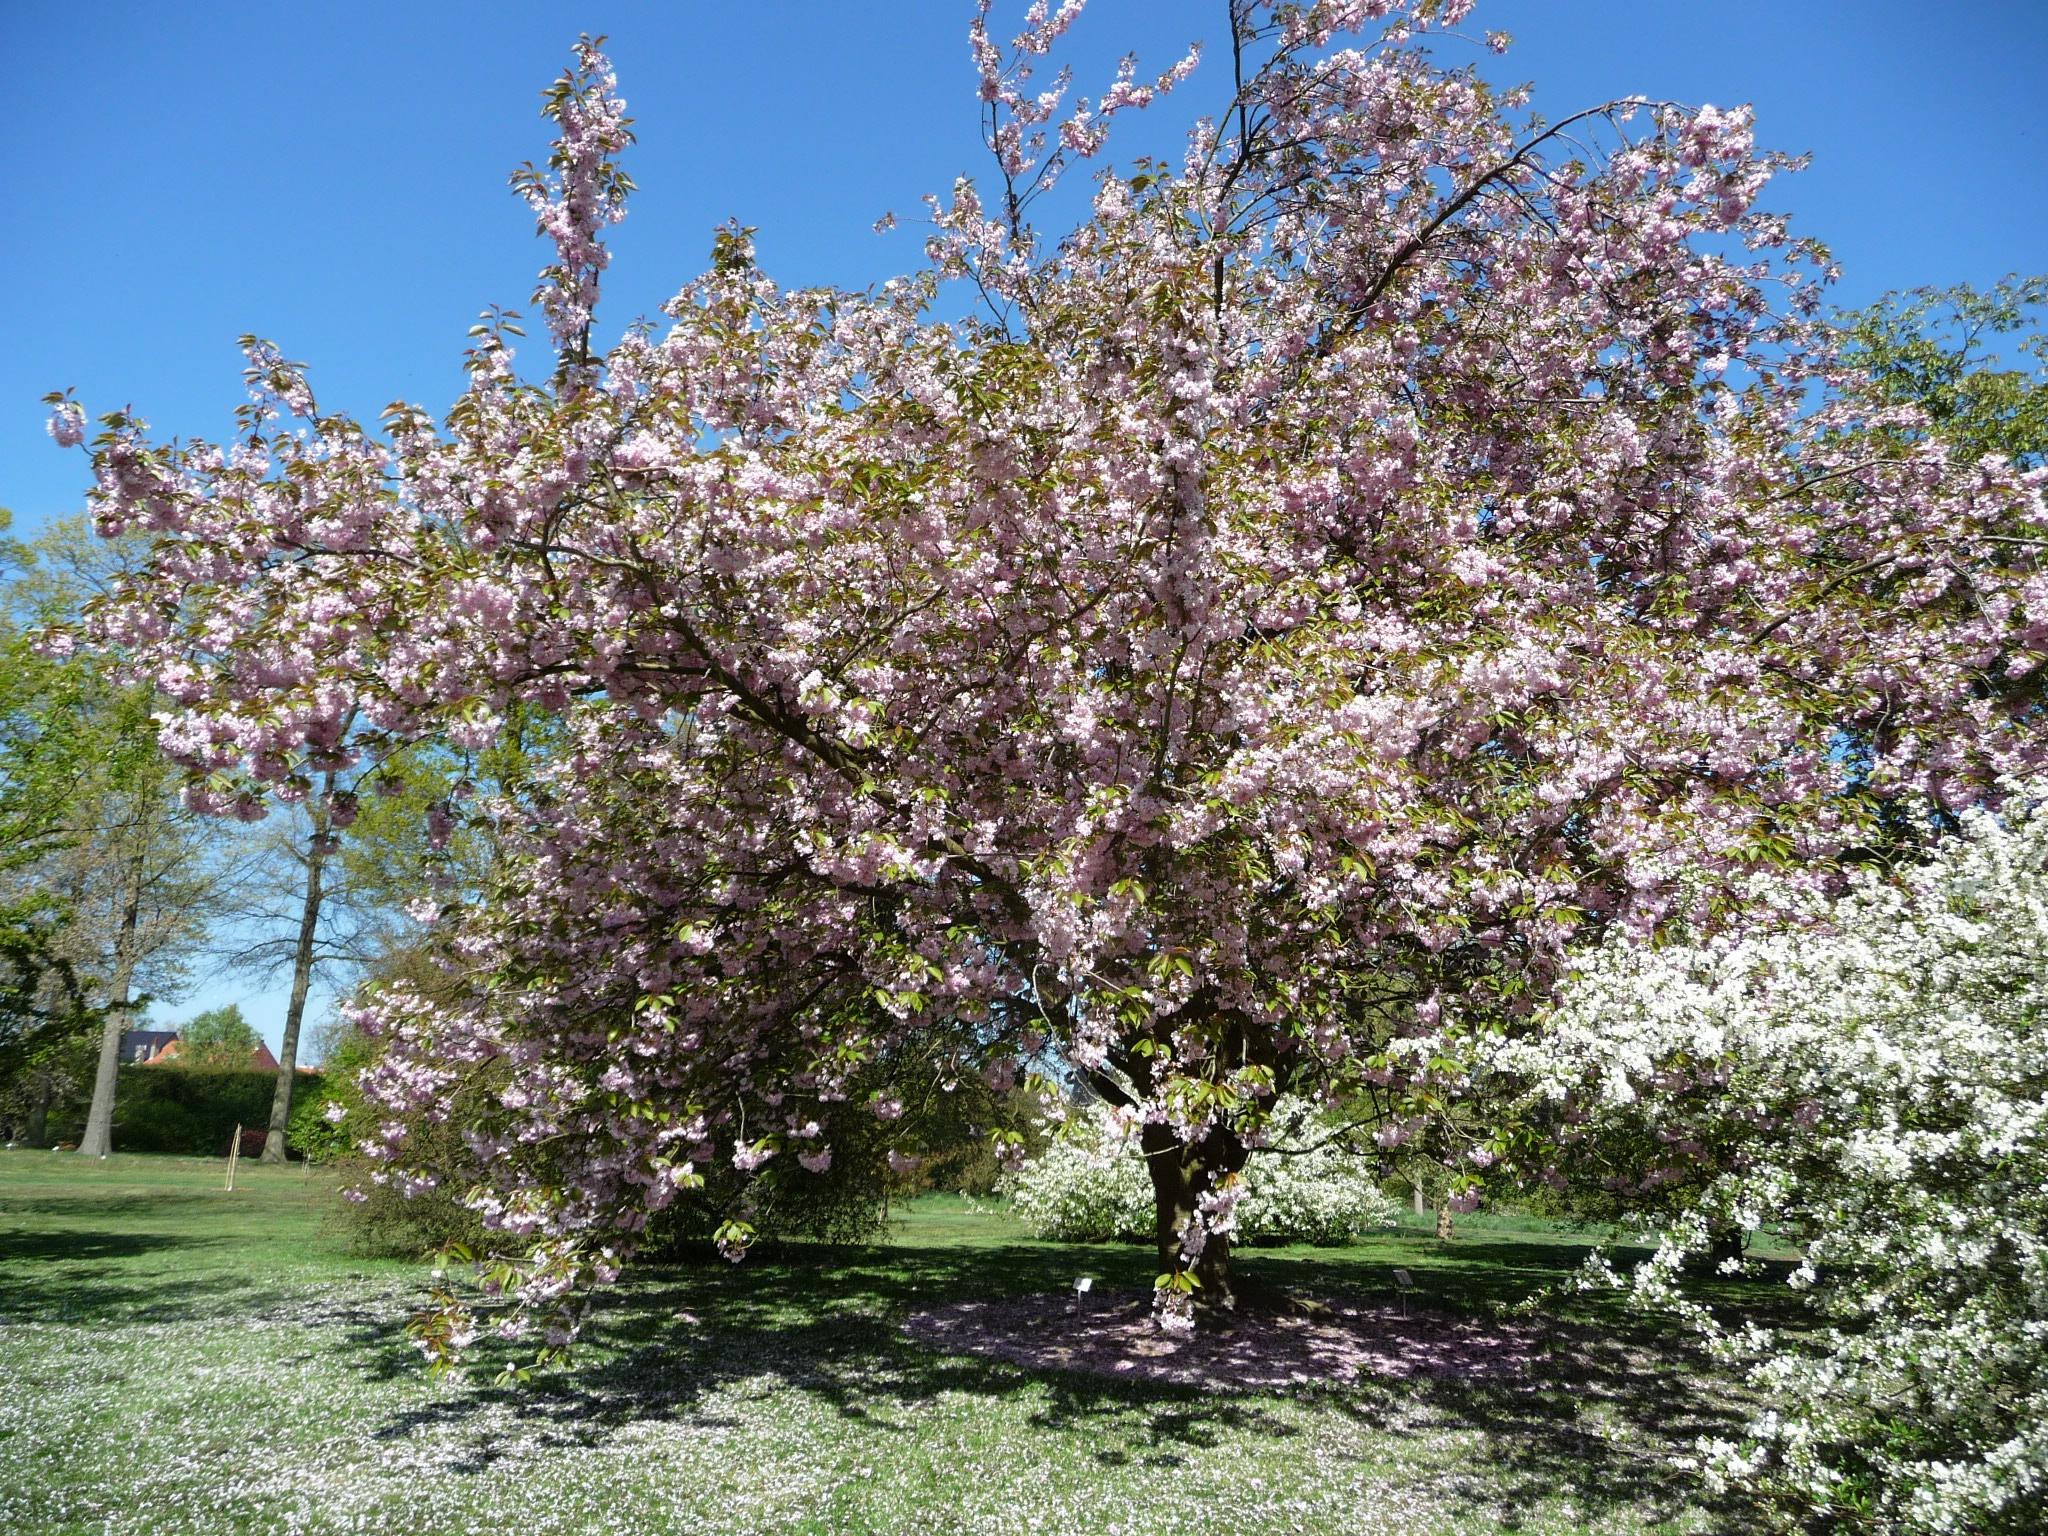 Spring flowering cherries